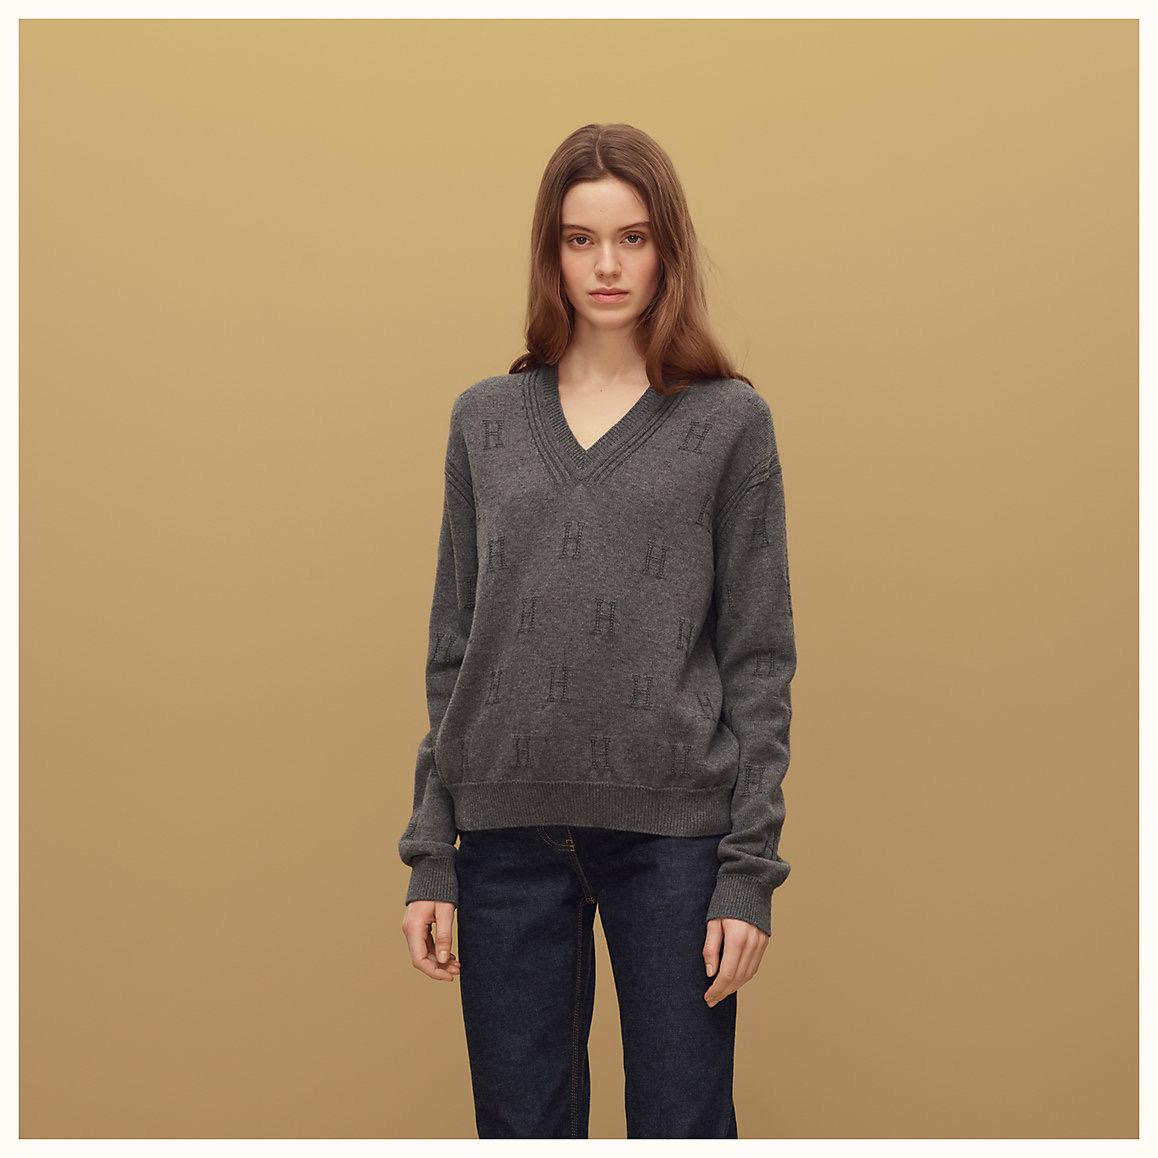 voyage-v-neck-sweater-992622dfs1-worn-3-50-0-1158-1158-b.jpg